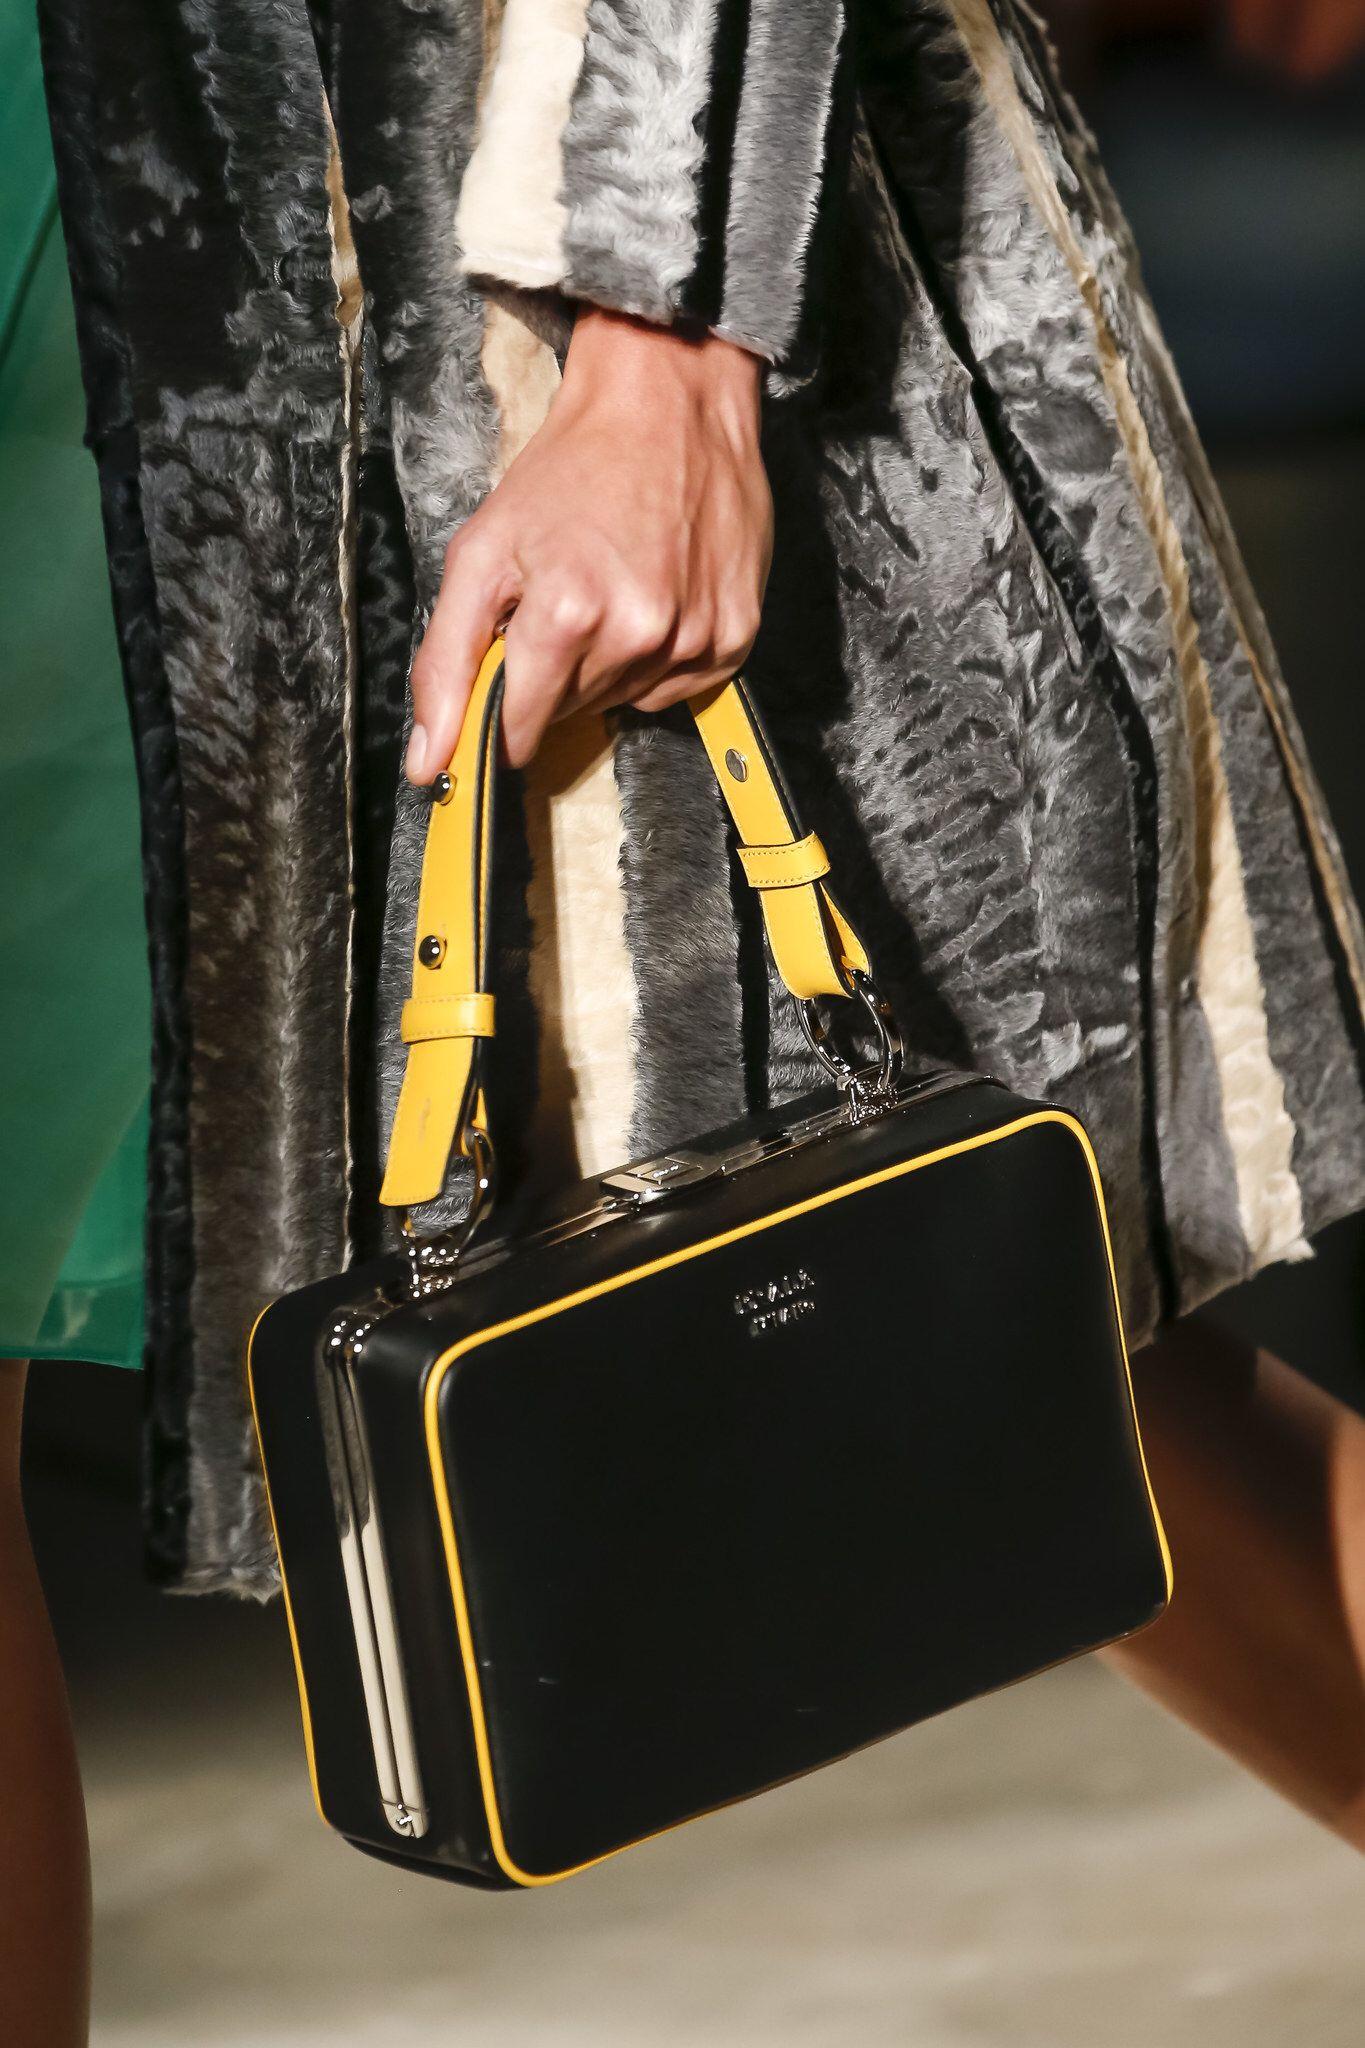 Prada Spring 2016 Ready to Wear Fashion Show | Prada, Prada